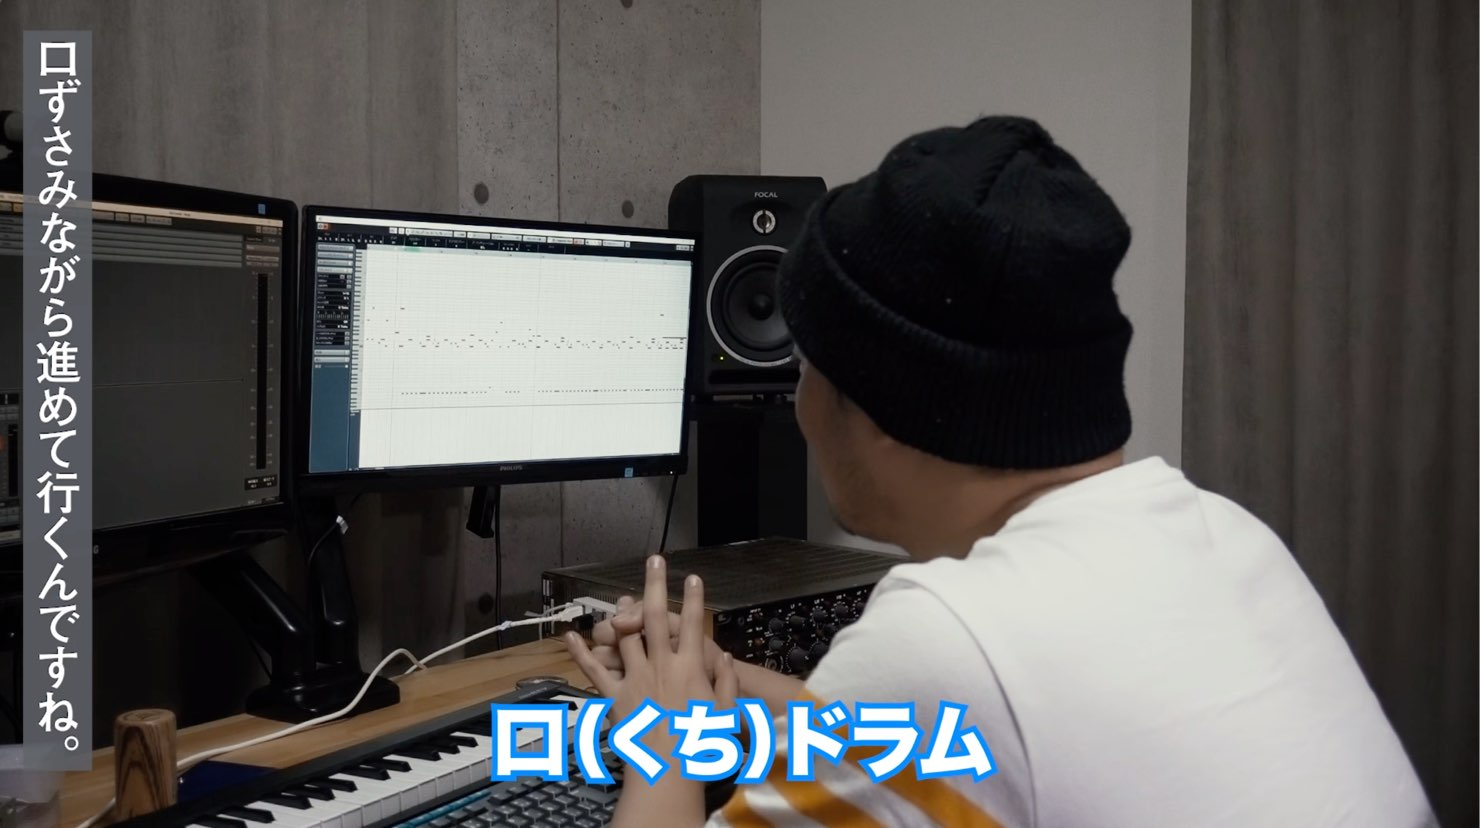 Yusuke-Shirato-Tips-23